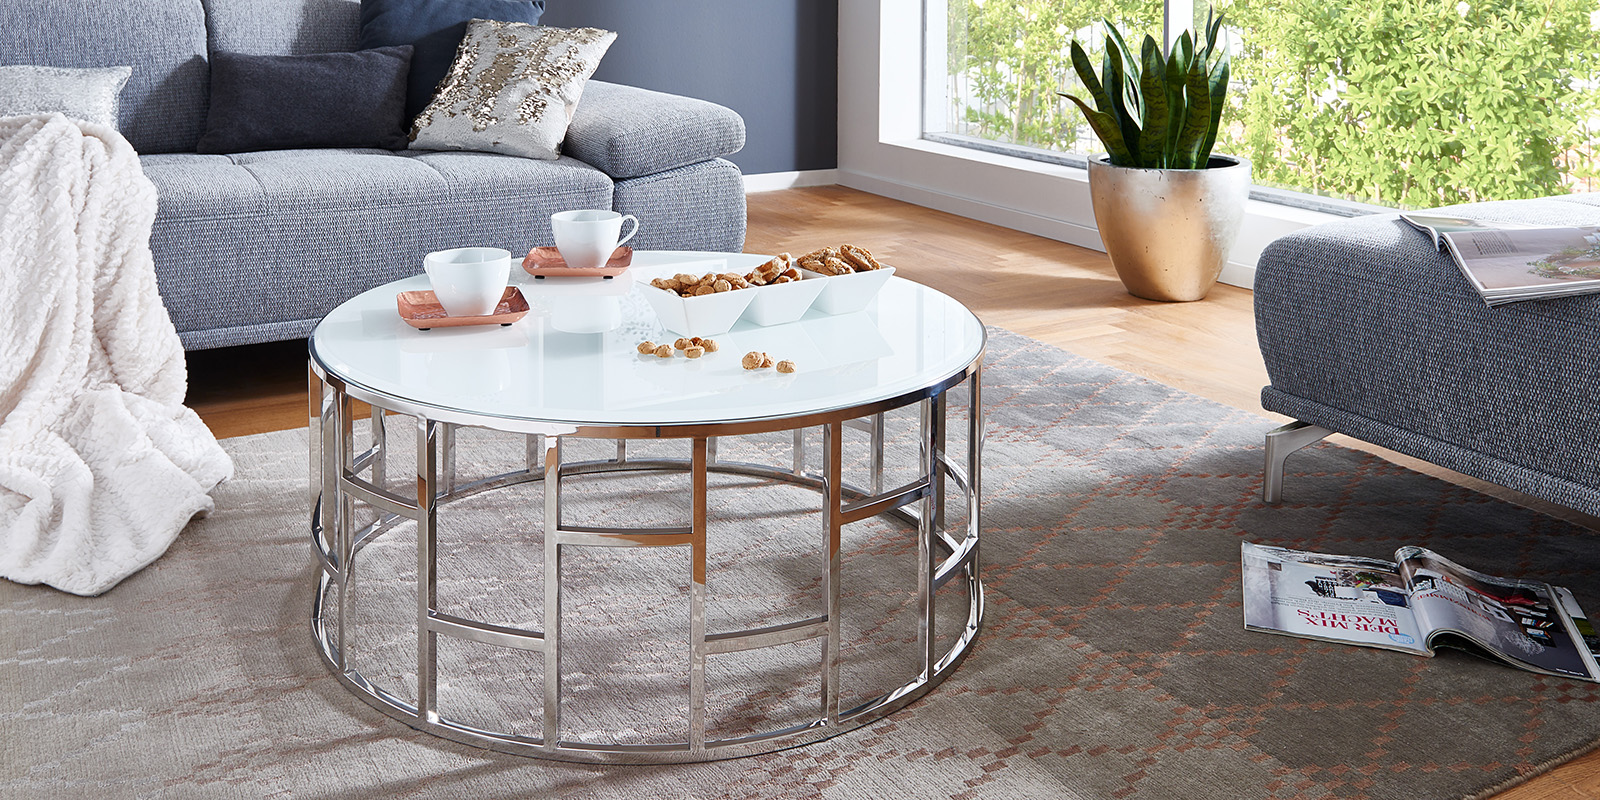 couchtisch glastisch couchtisch leuchte modern rund finke. Black Bedroom Furniture Sets. Home Design Ideas